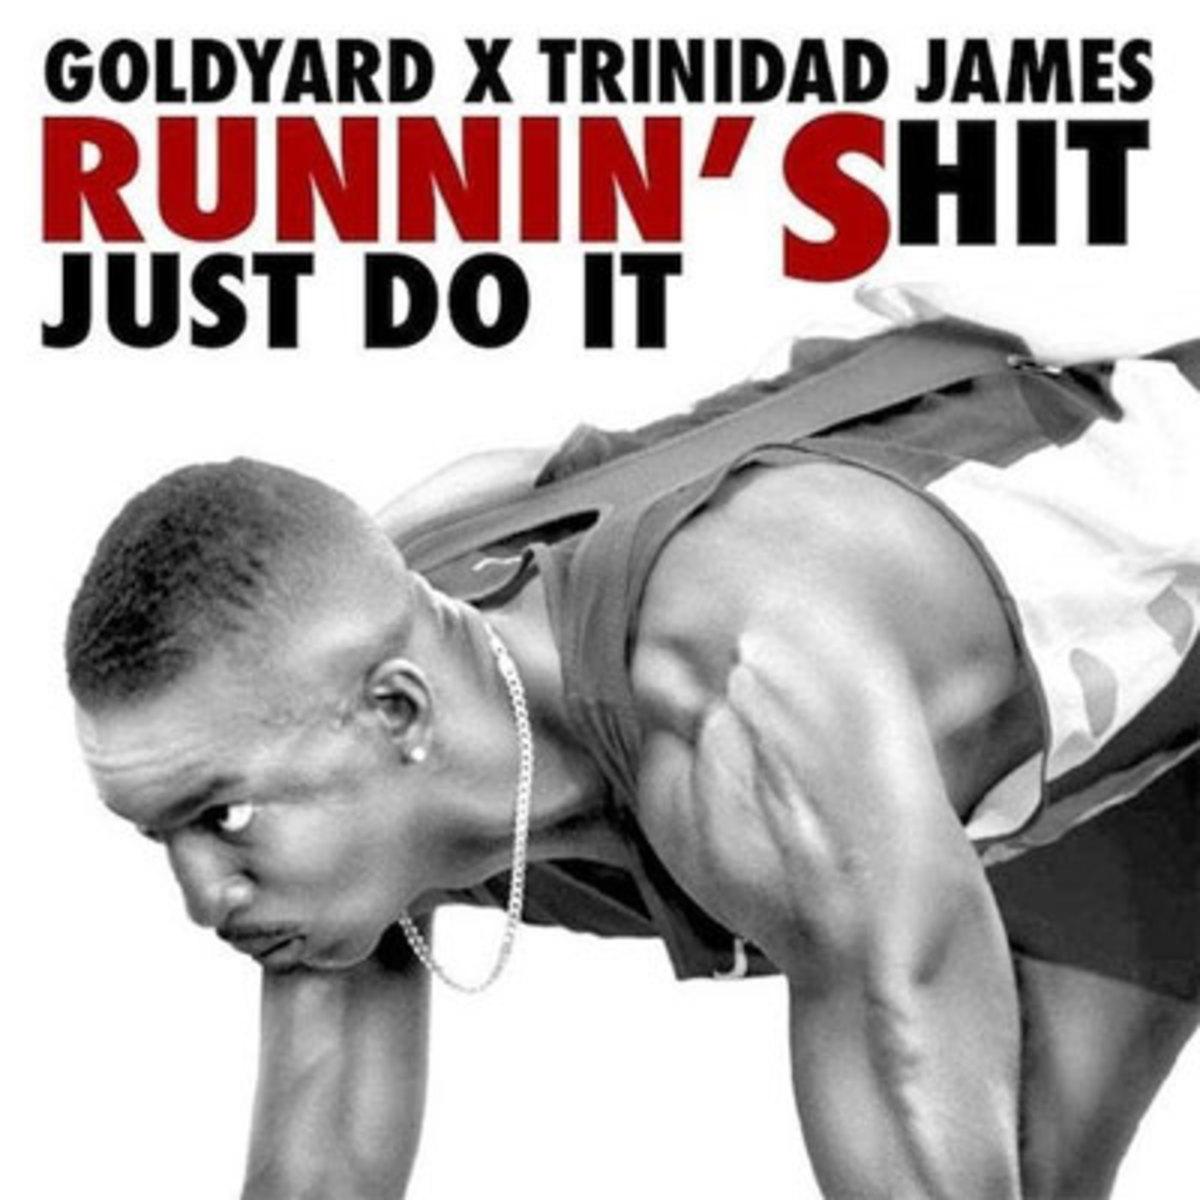 trinidadjames-runninsht.jpg